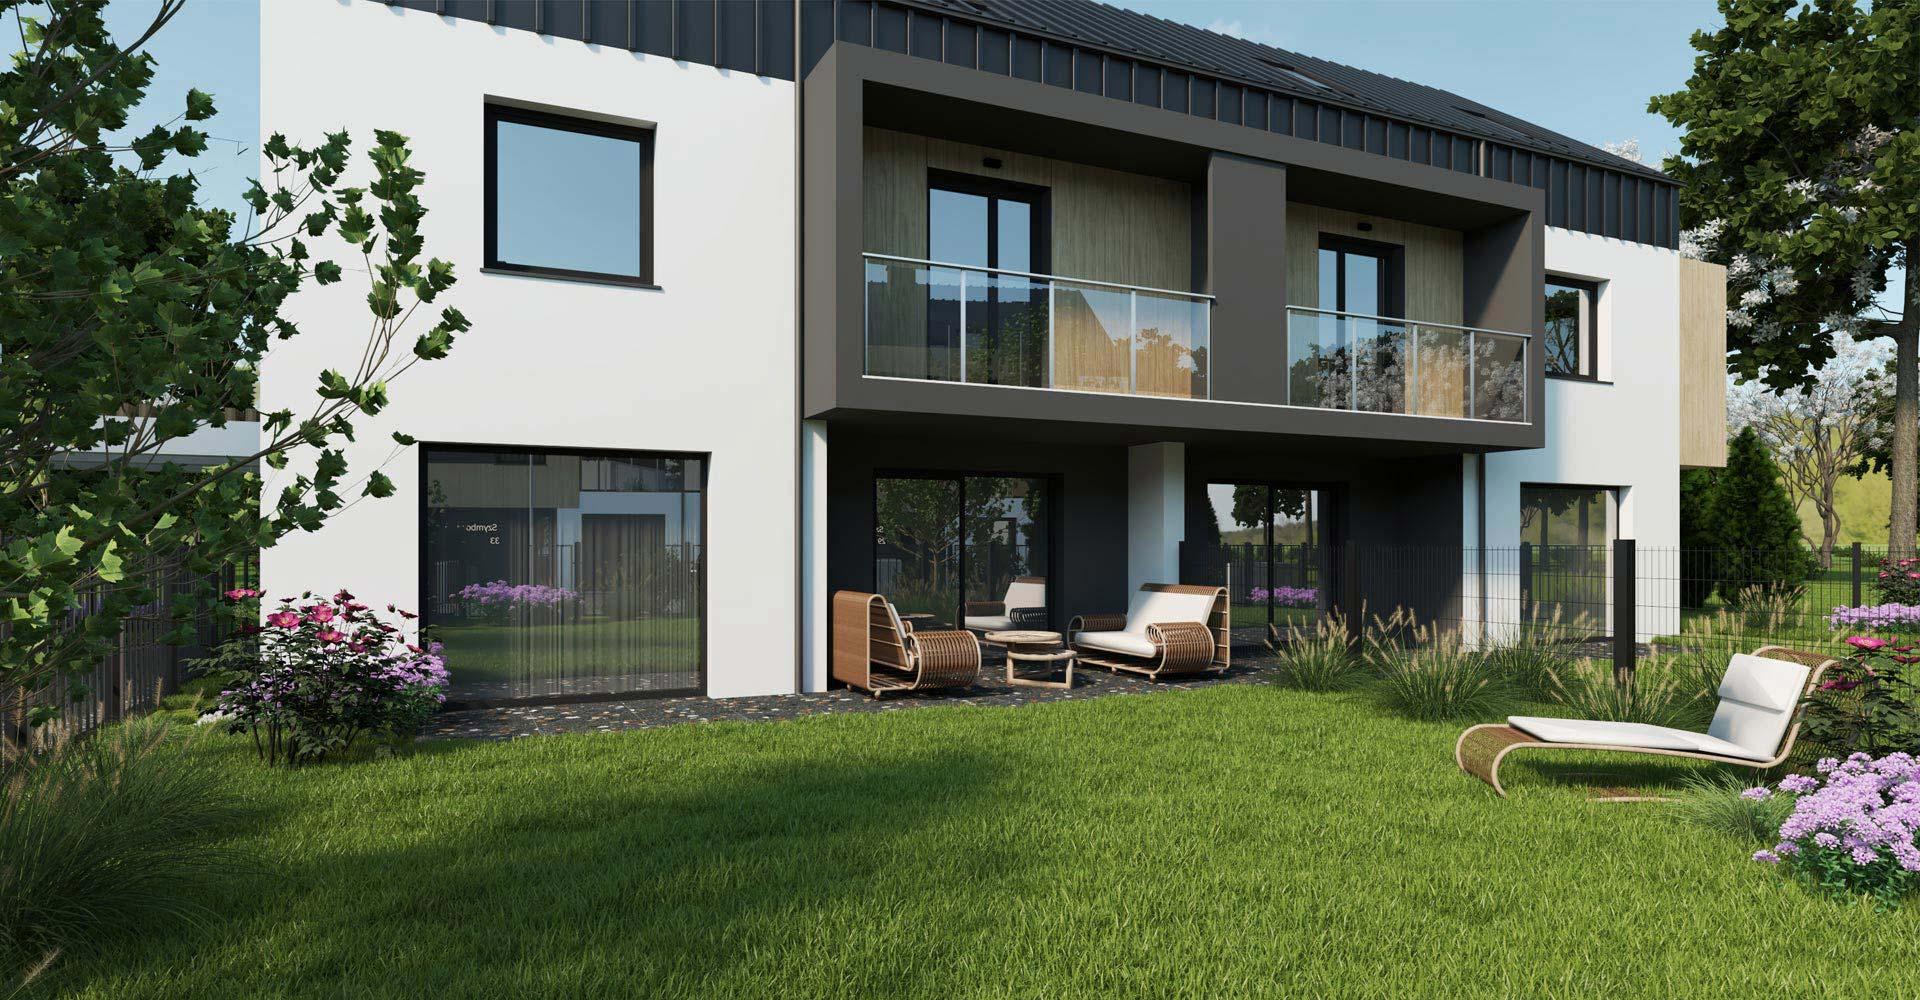 AVANTI House - Nowe mieszkania na sprzedaż Wrocław Grabiszynek